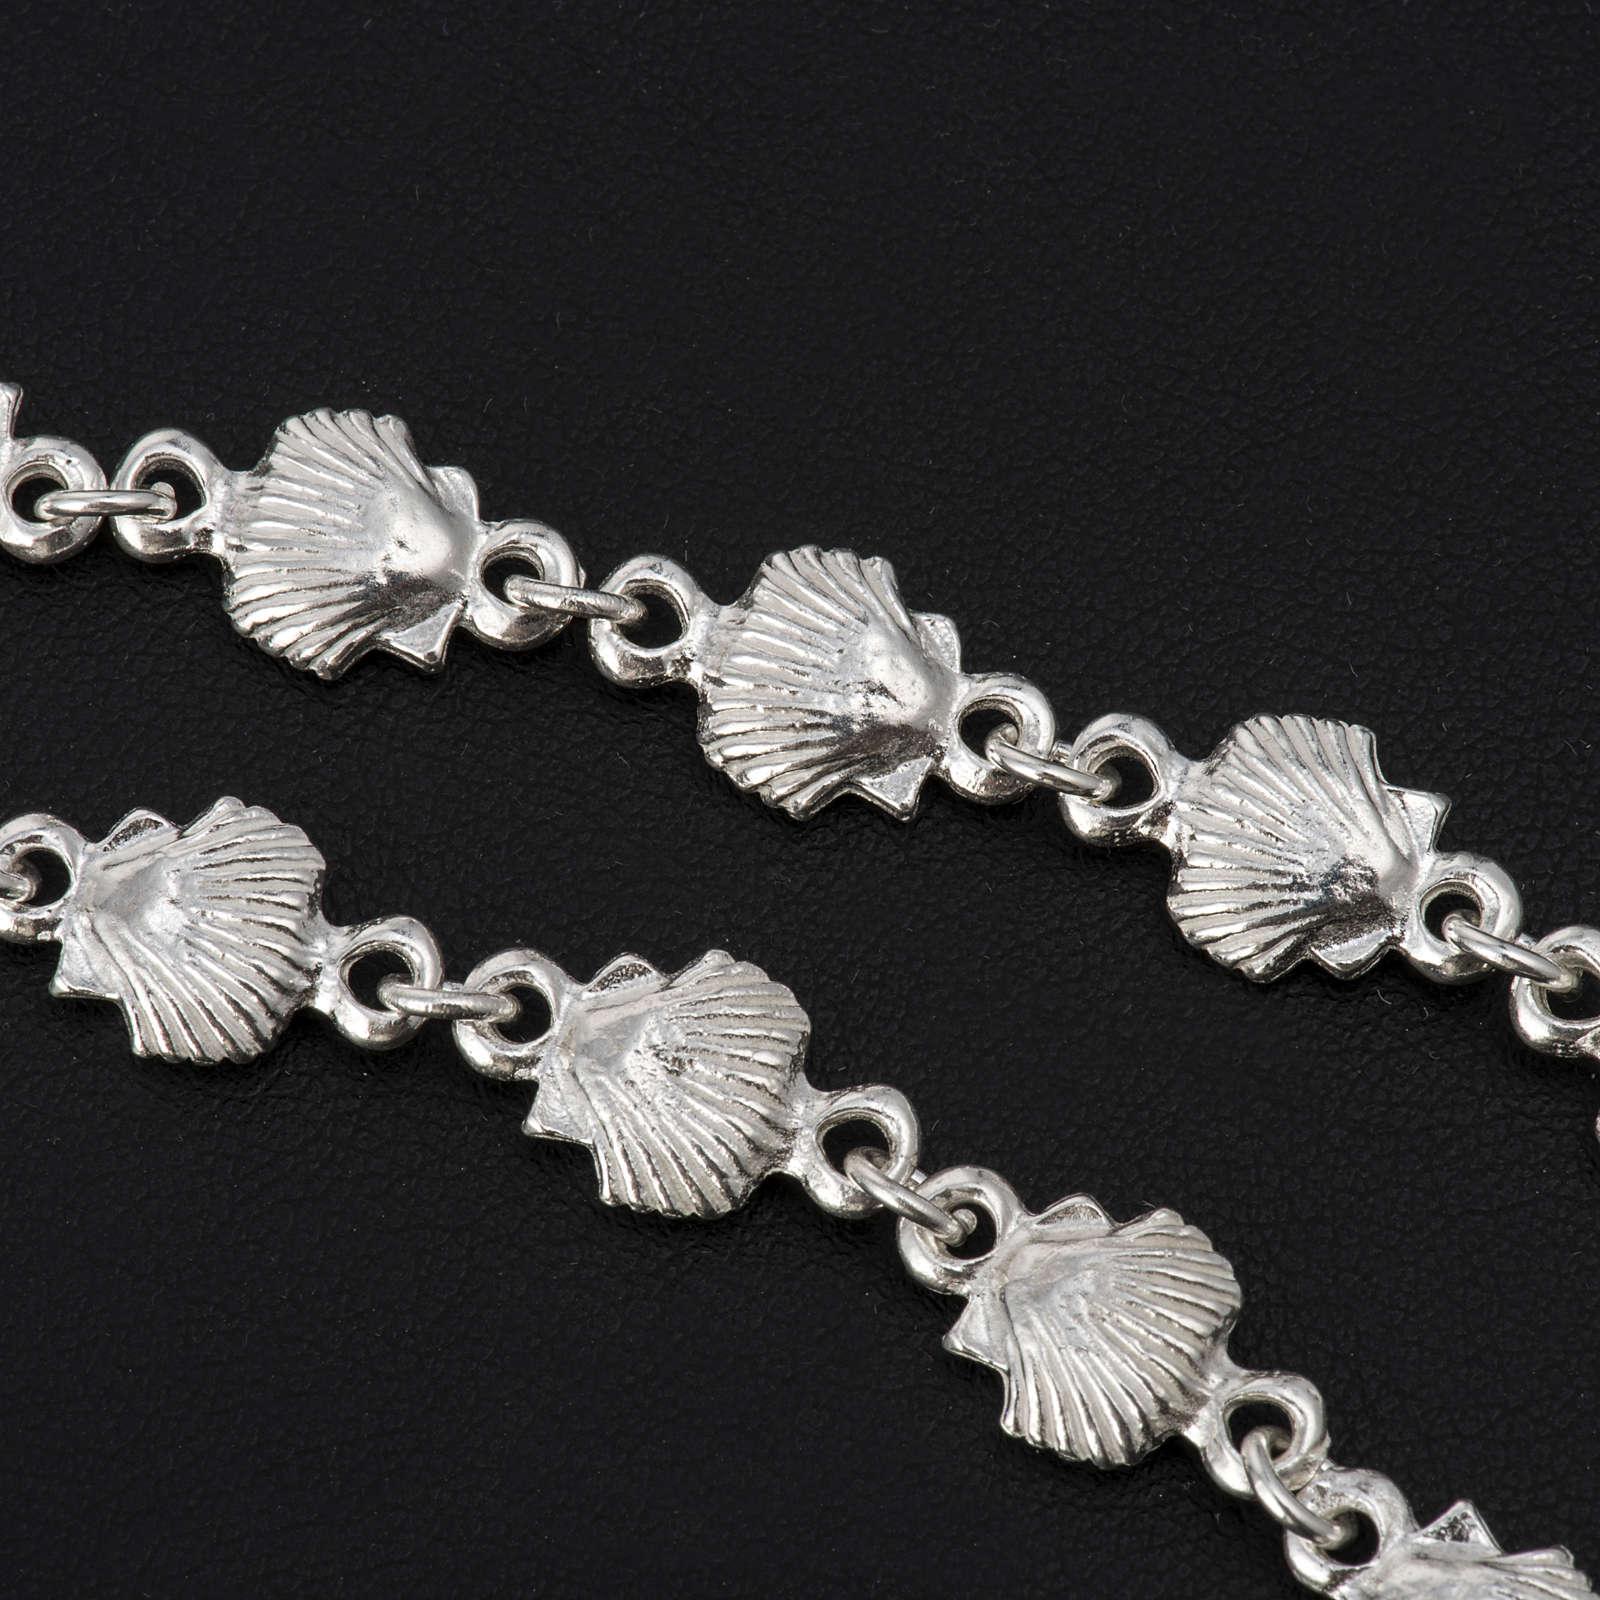 Bracelet Santiago de Compostela, 925 silver 4